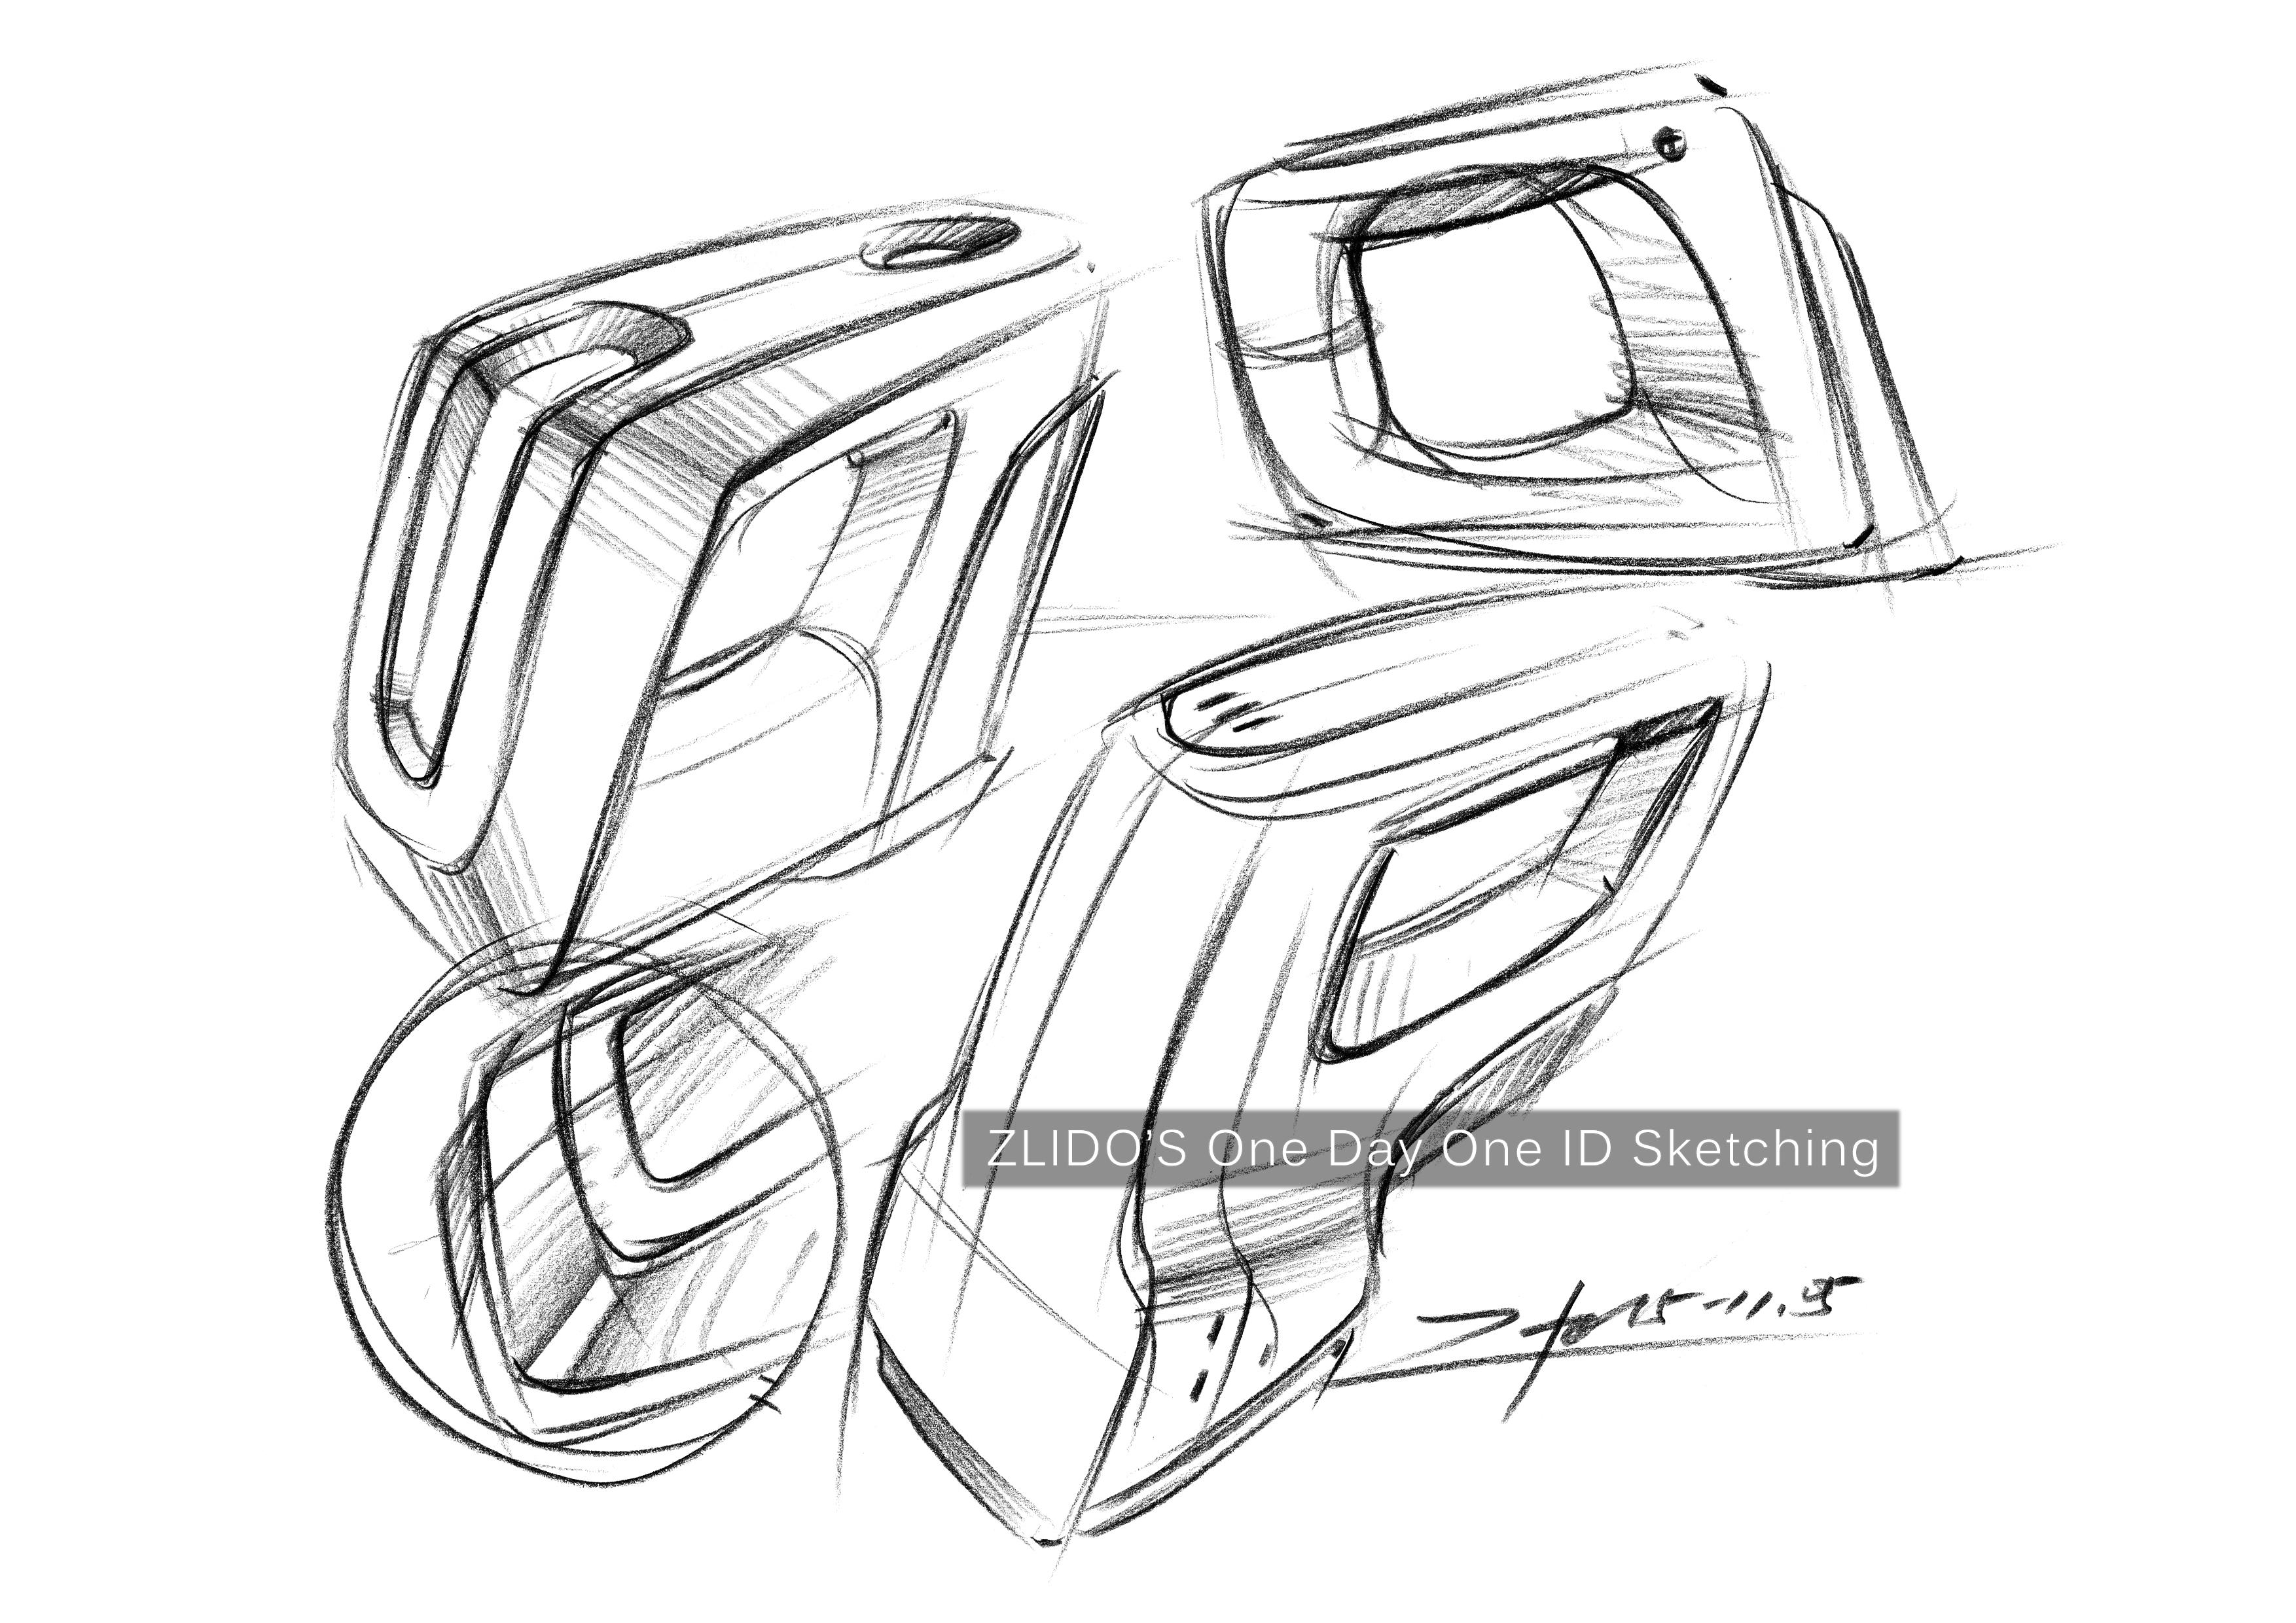 2015产品设计手绘11月 一日一画 |工业/产品|其他工业